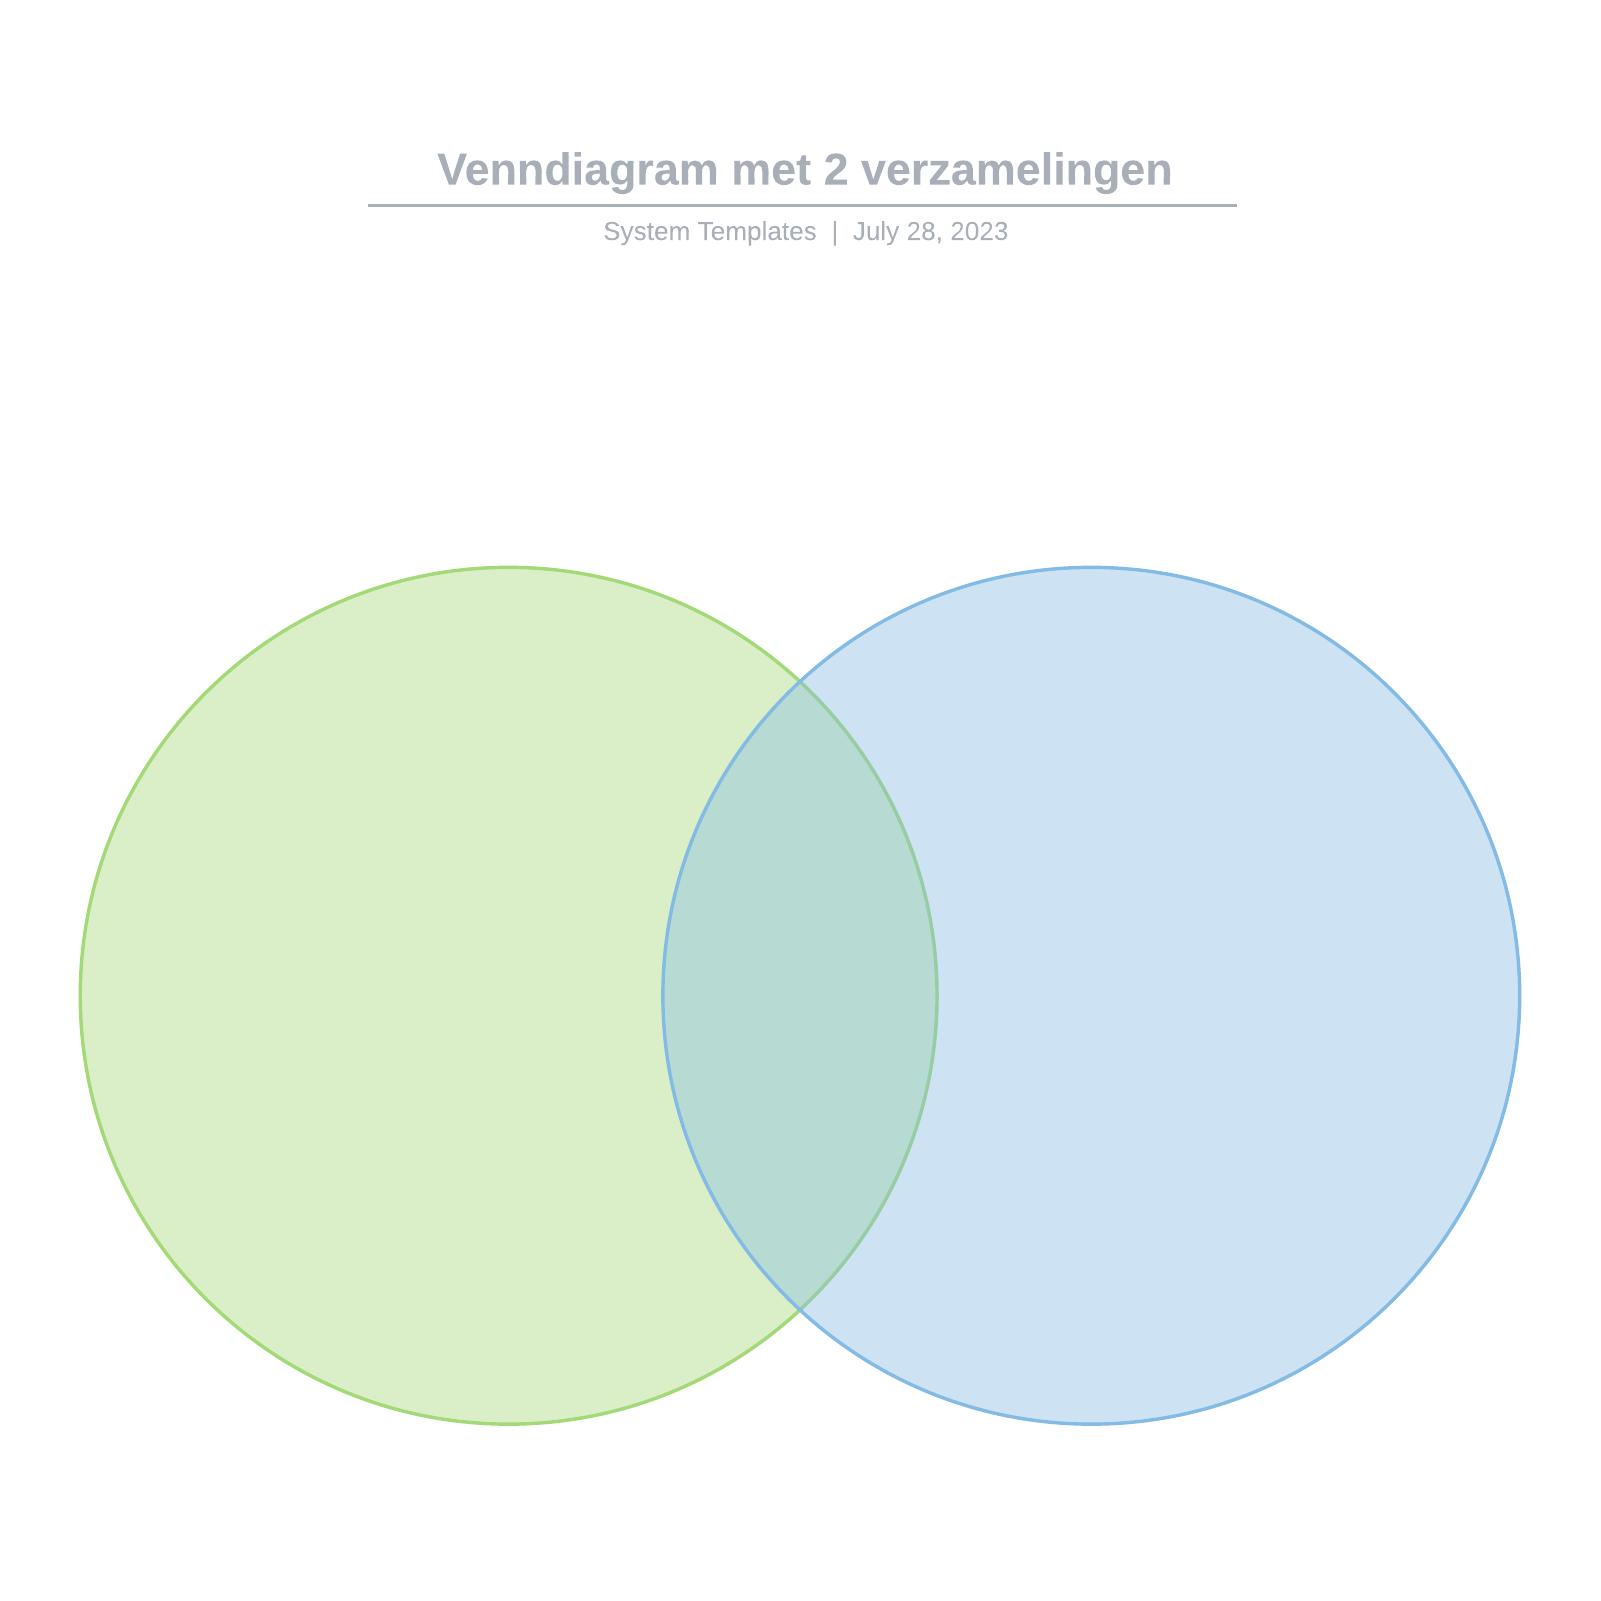 Venndiagram met 2 verzamelingen